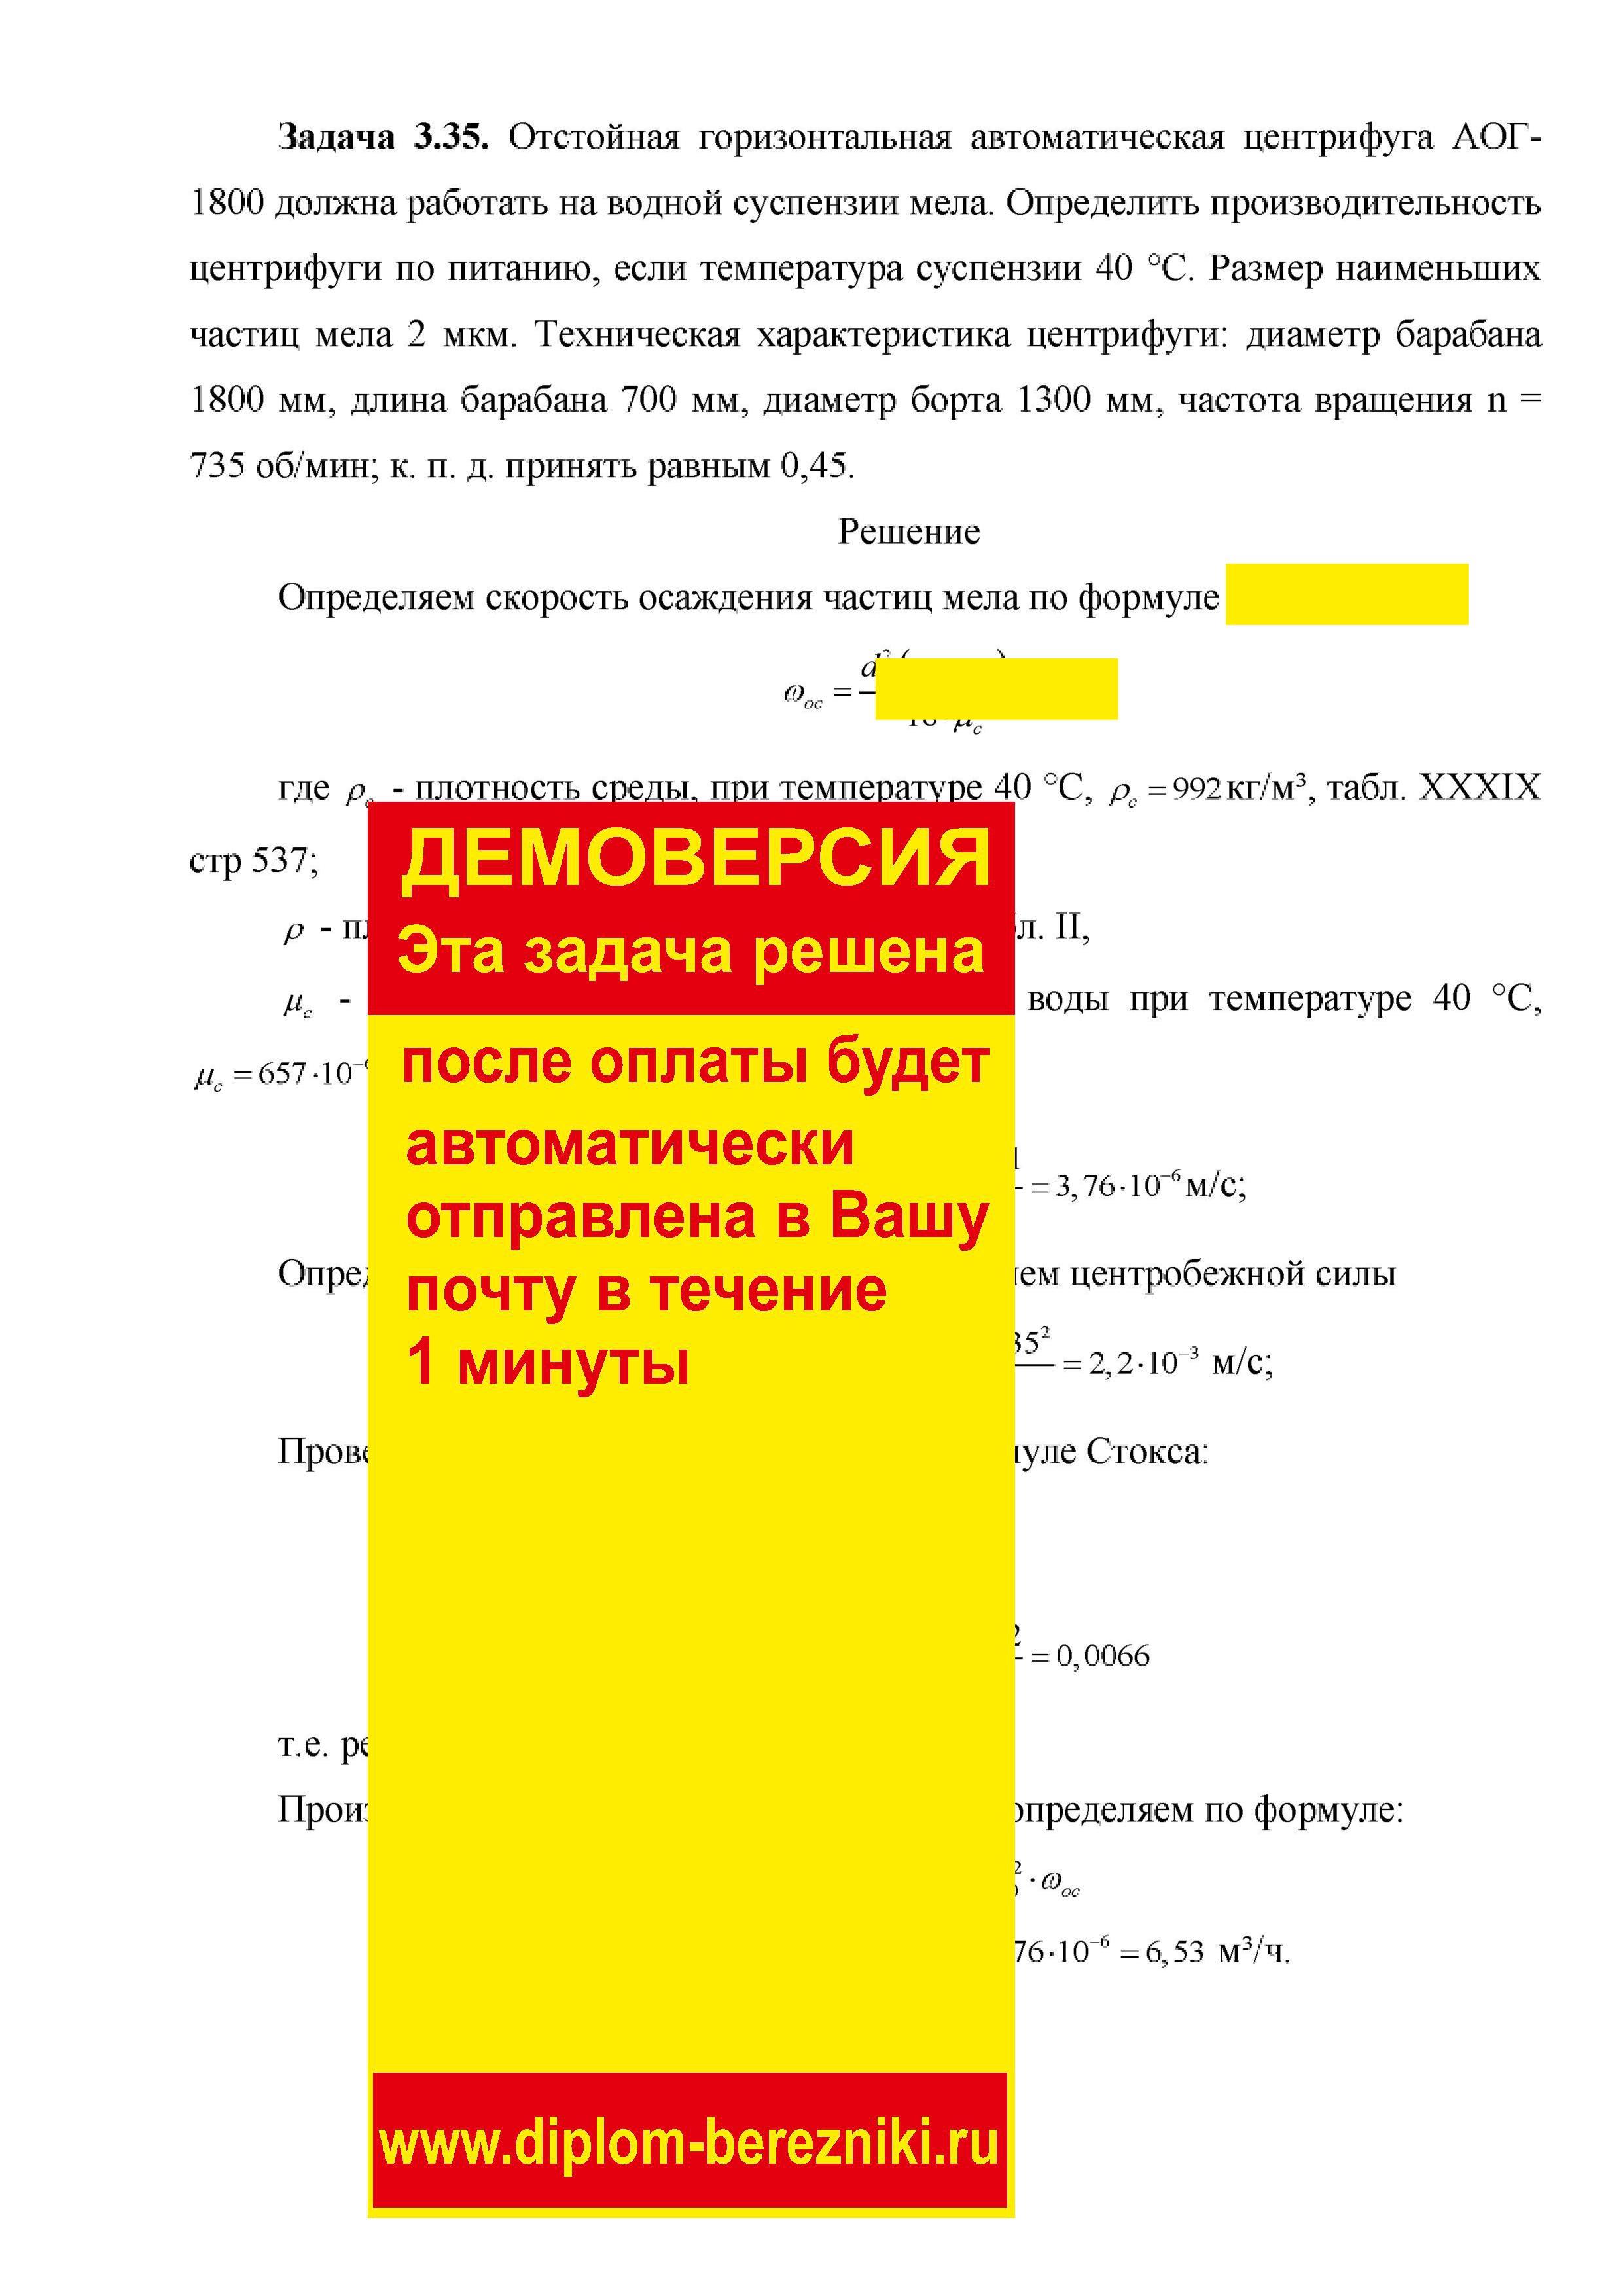 Решение задачи 3.35 по ПАХТ из задачника Павлова Романкова Носкова